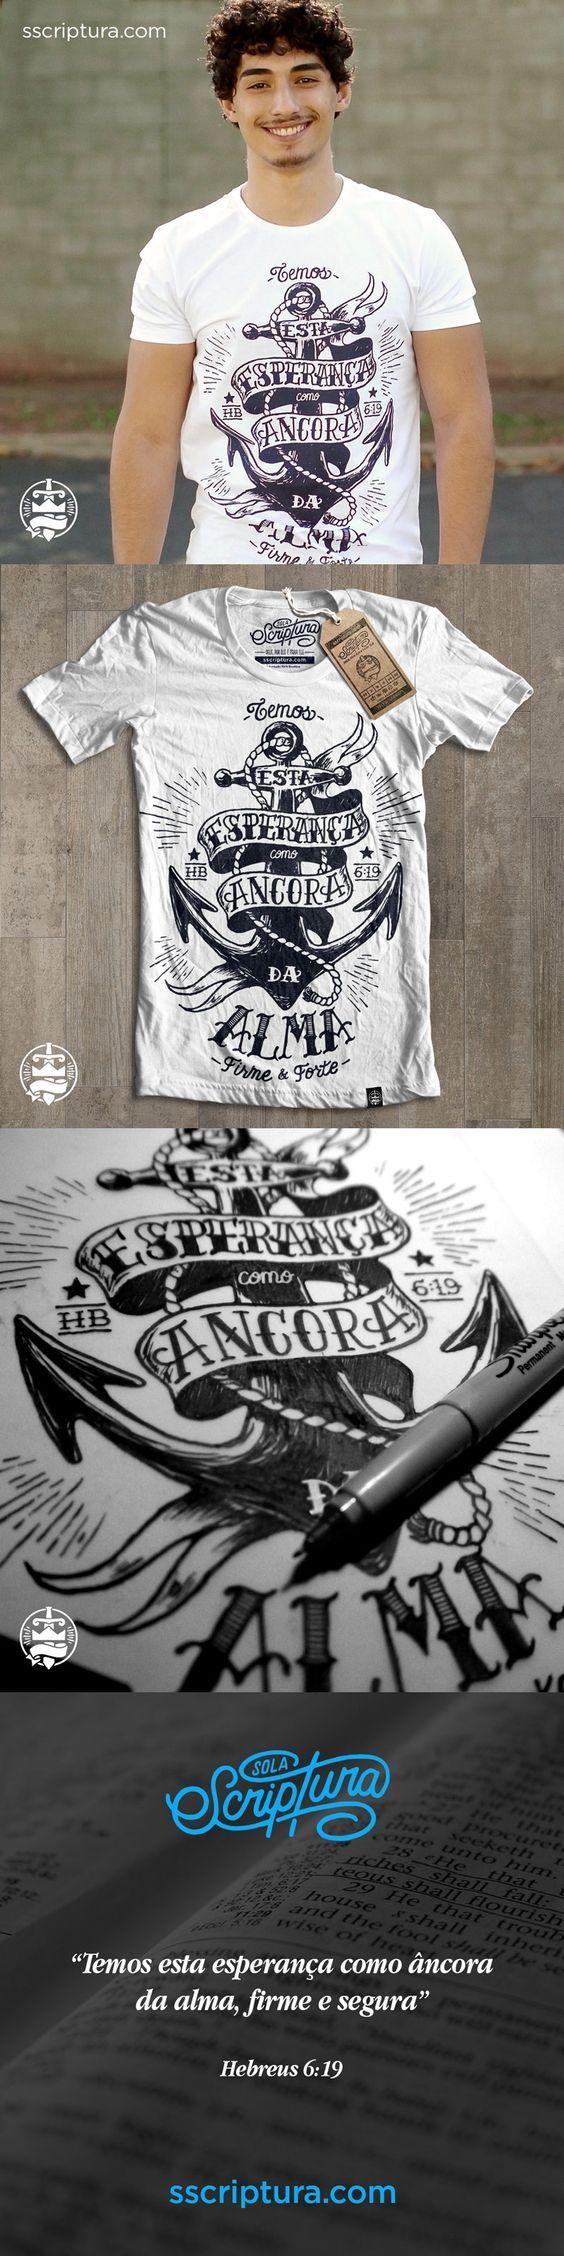 """Camiseta ÂNCORA DA ALMA Masculina - Hebreus 6:19 """"Temos esta esperança como âncora da alma, firme e segura"""" Hebreus 6:19 www.sscriptura.com:"""